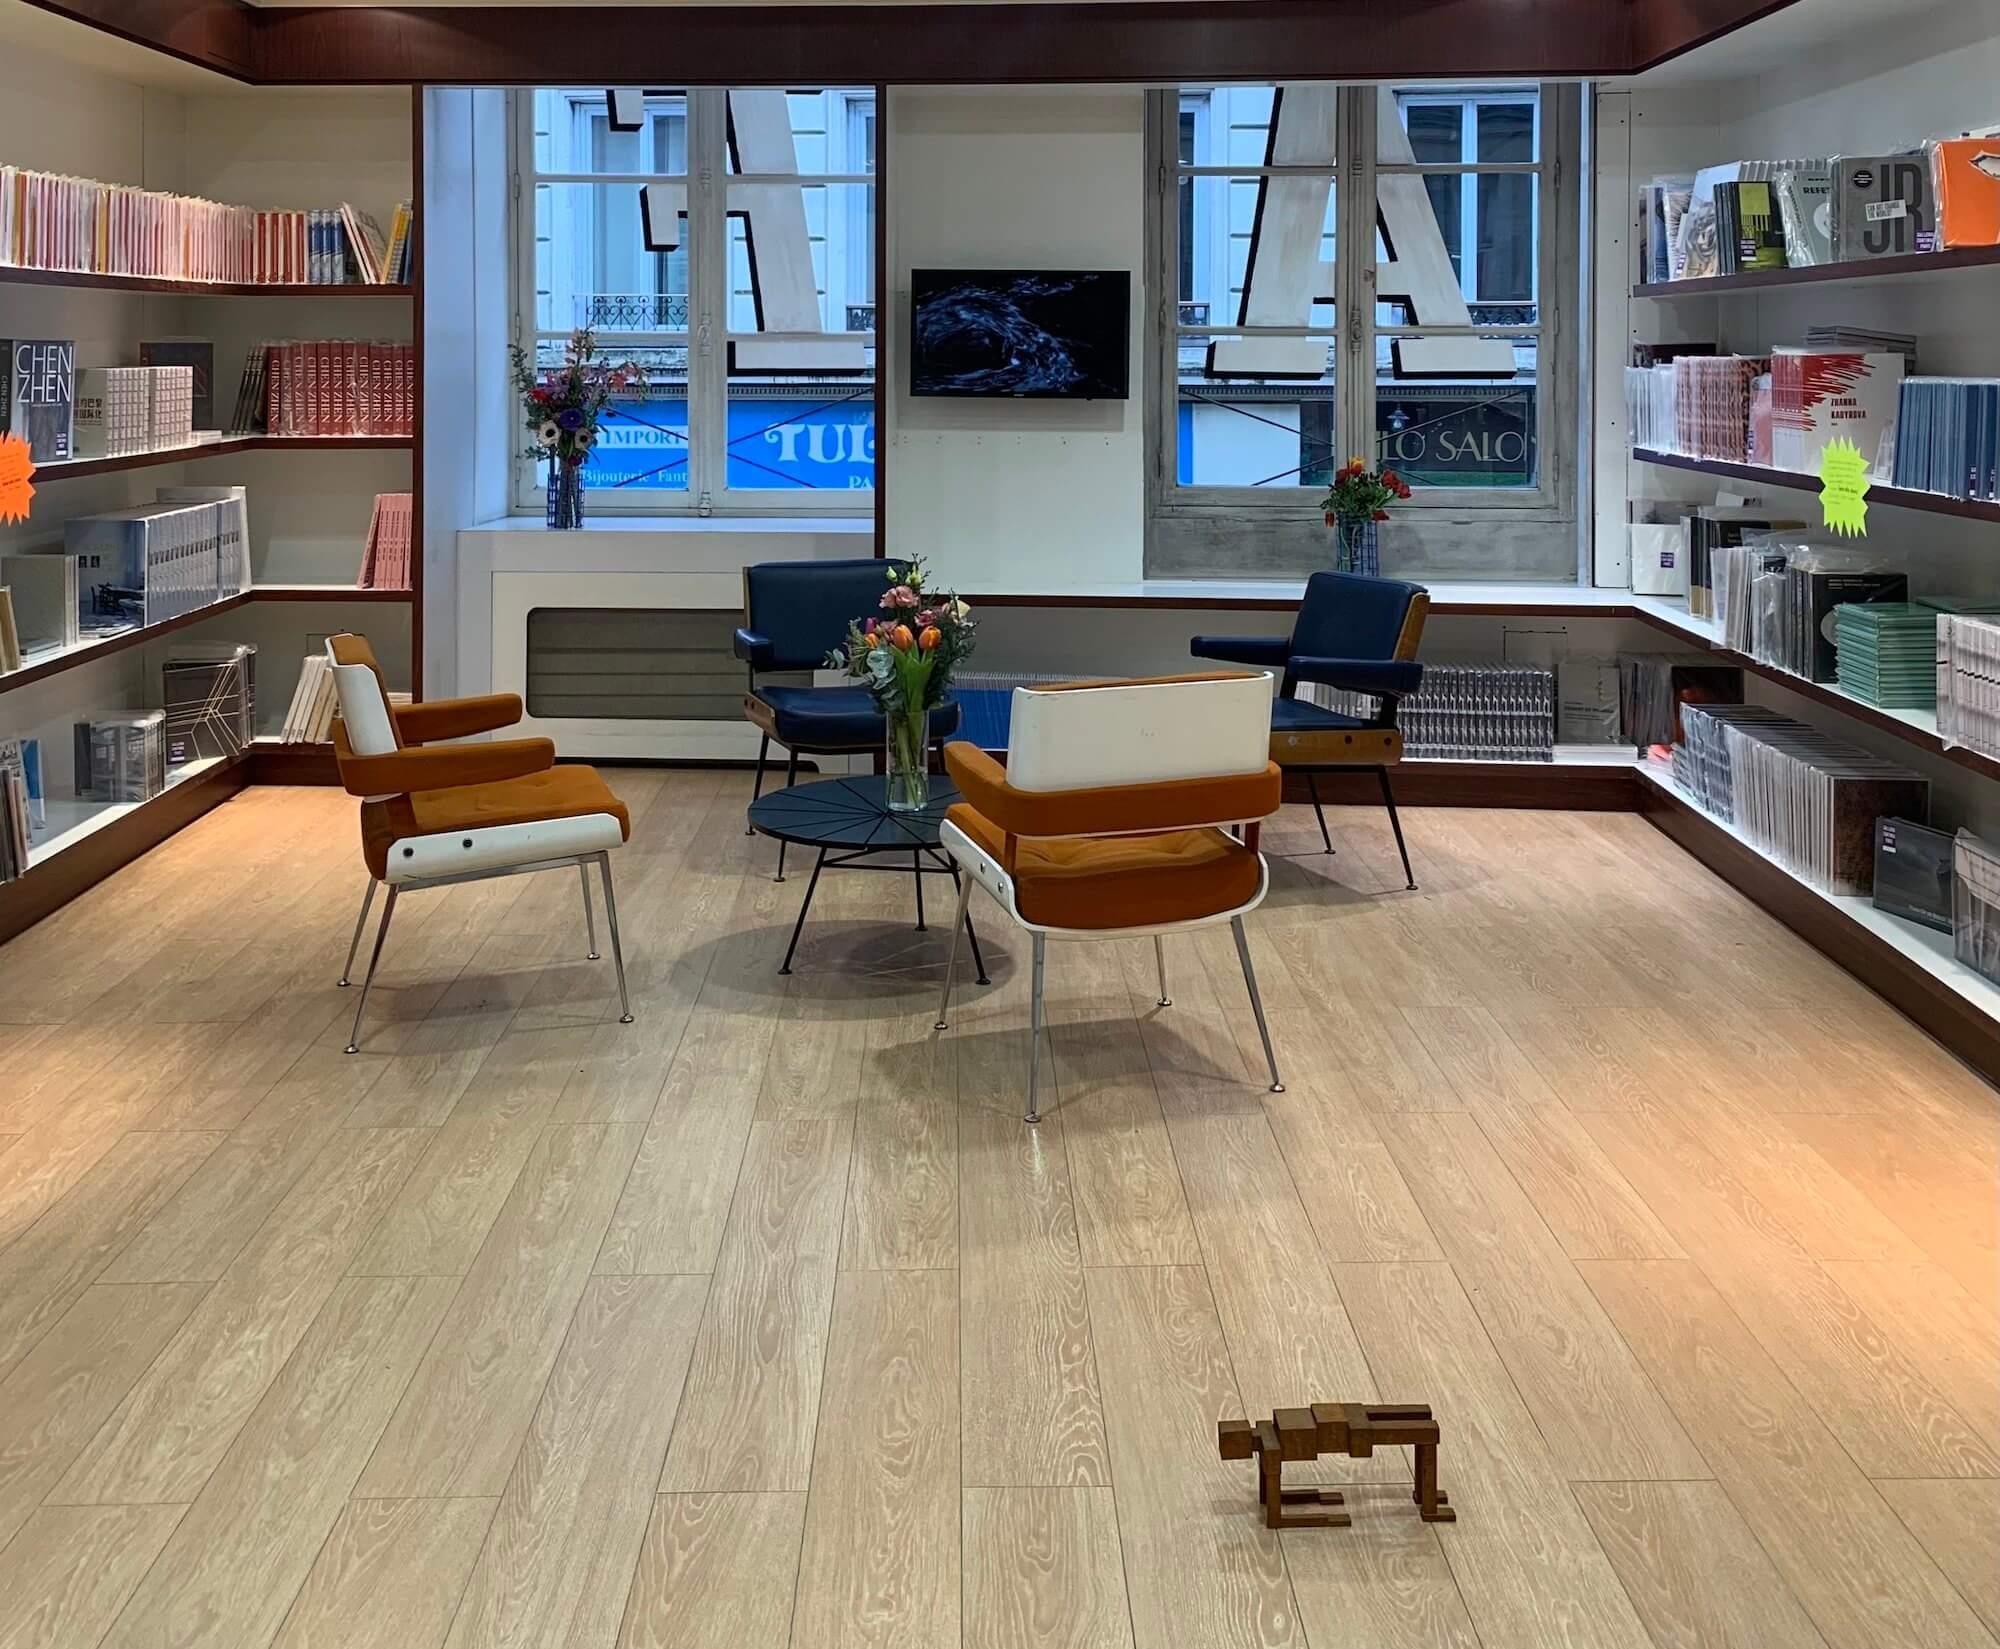 galleria continua 6 Galleria Continua apre a Parigi